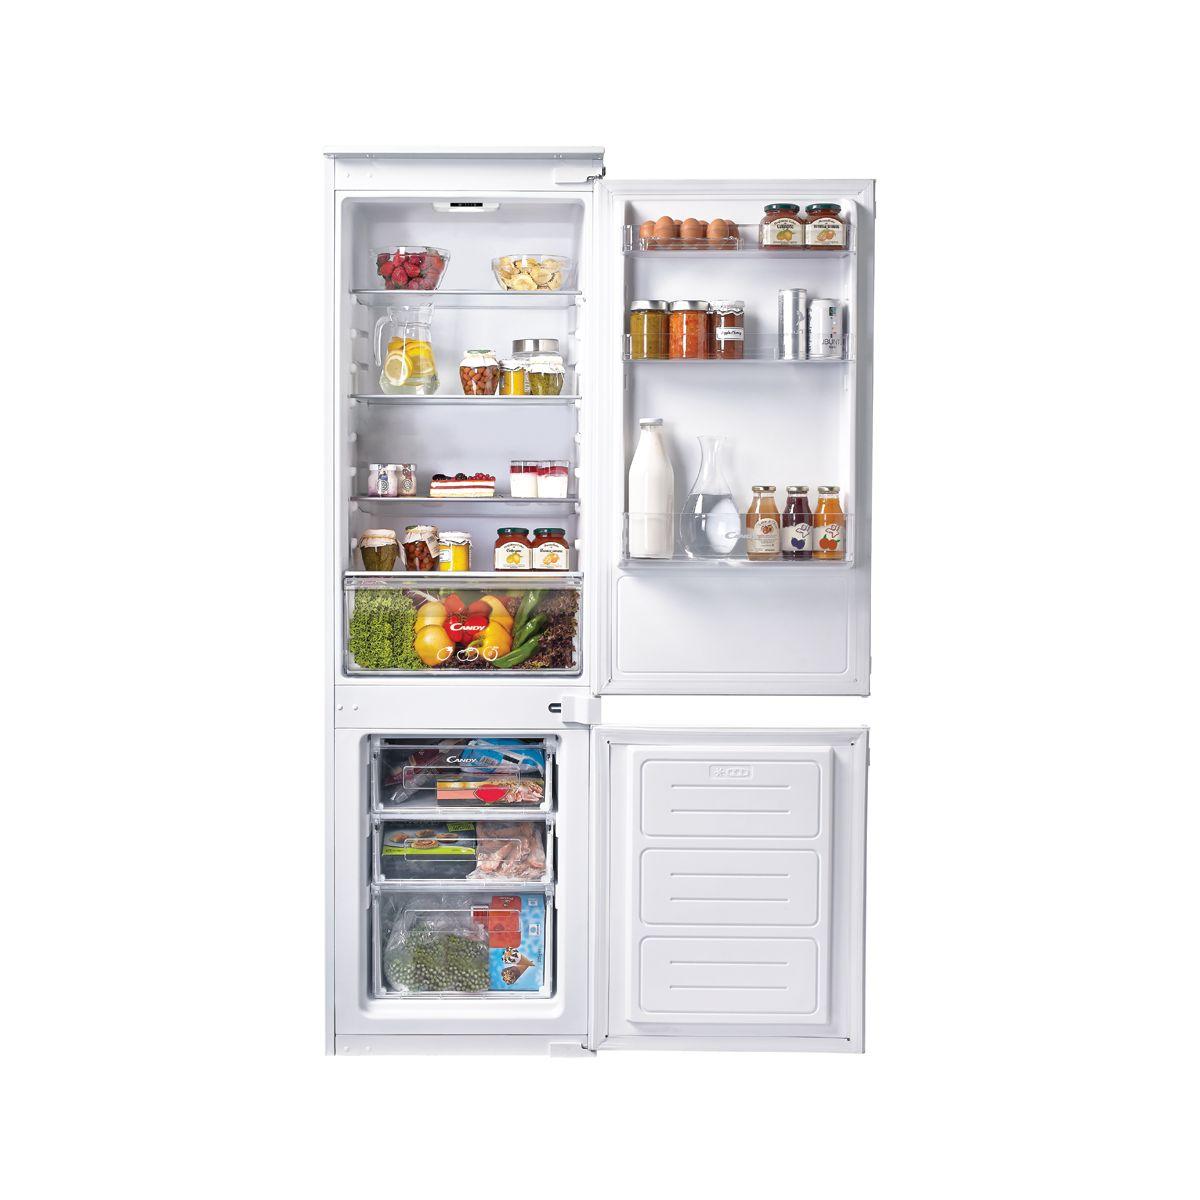 Candy ckbbs100 r frig rateur combin encastrable - Comparateur de prix refrigerateur ...